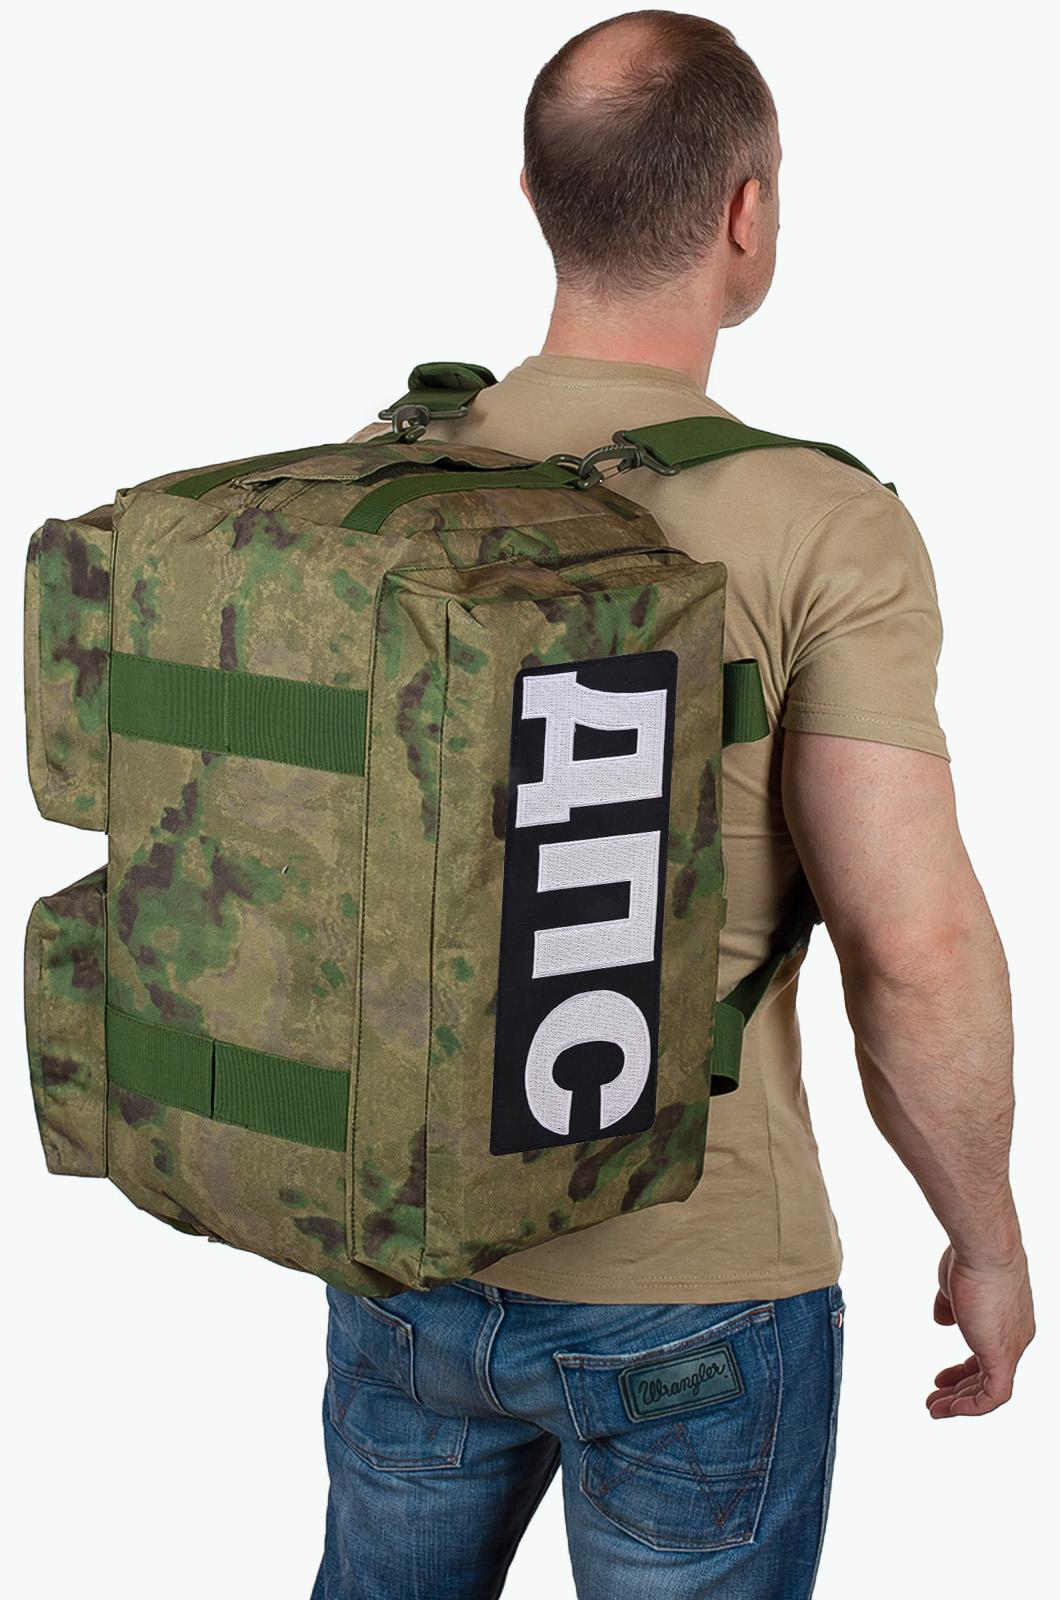 Купить походную камуфляжную сумку ДПС по специальной цене онлайн